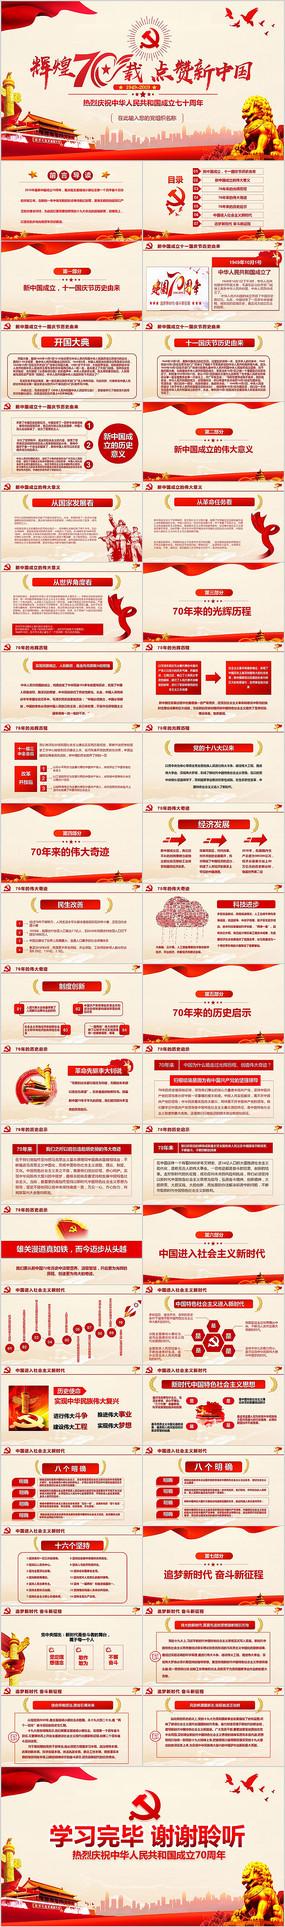 国庆建国70周年新中国奋斗新时代ppt